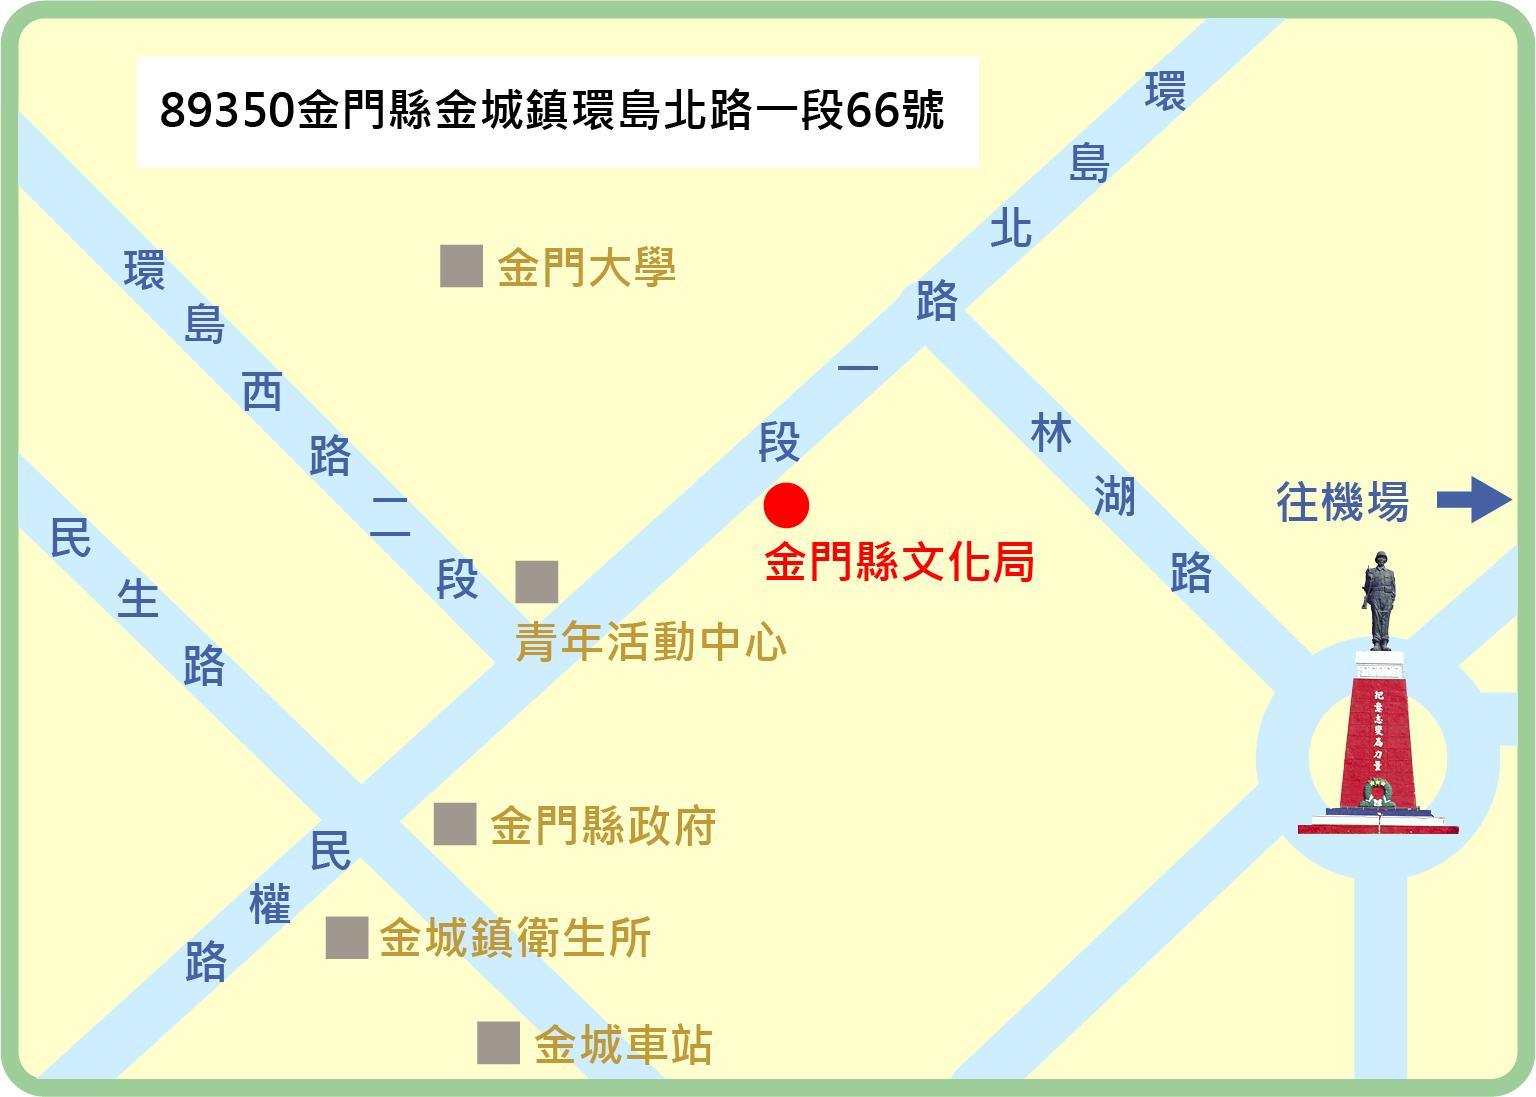 中文版地圖.jpg